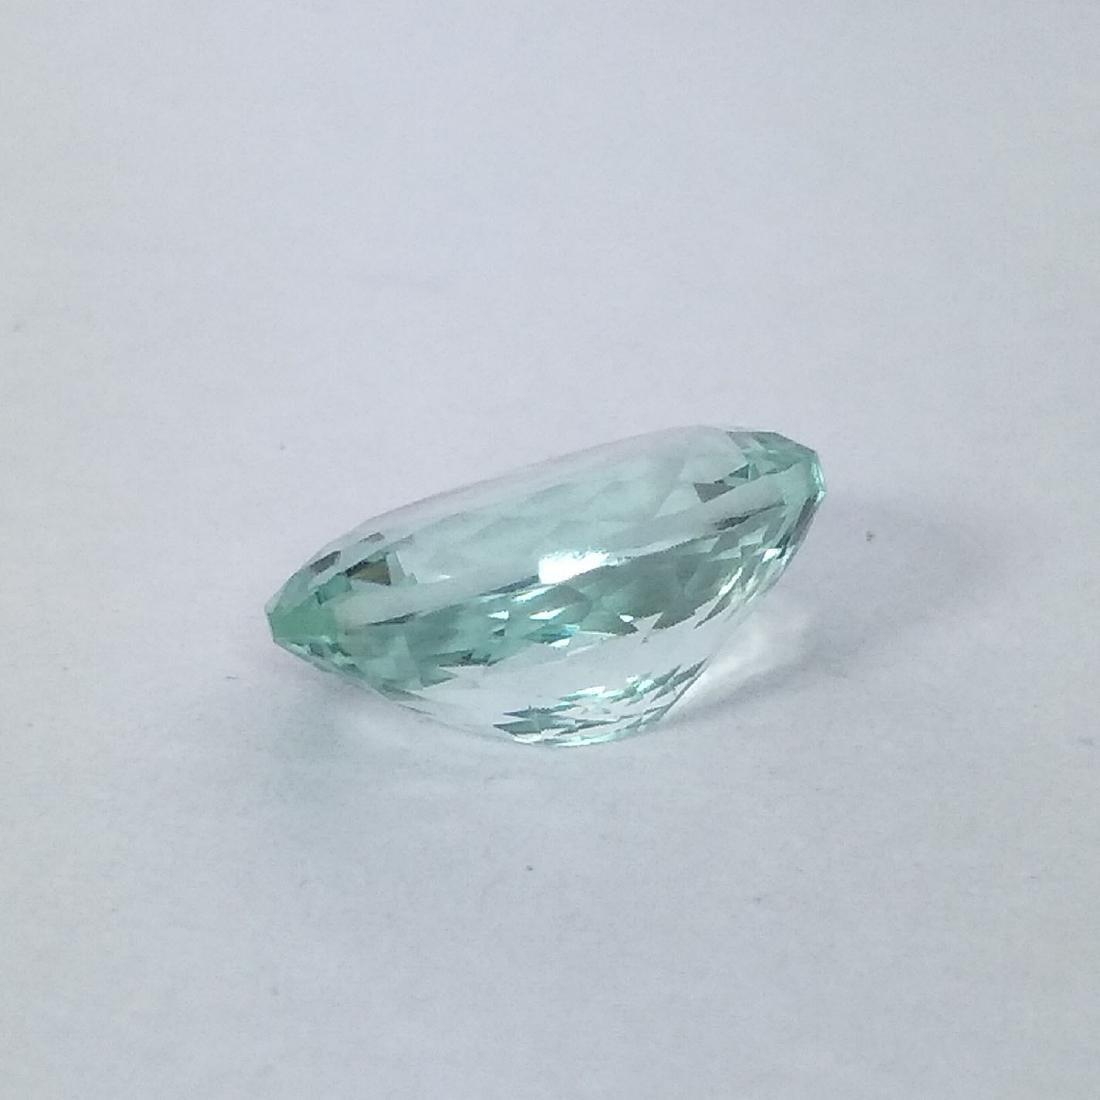 Aquamarine - 3.64 ct - 4